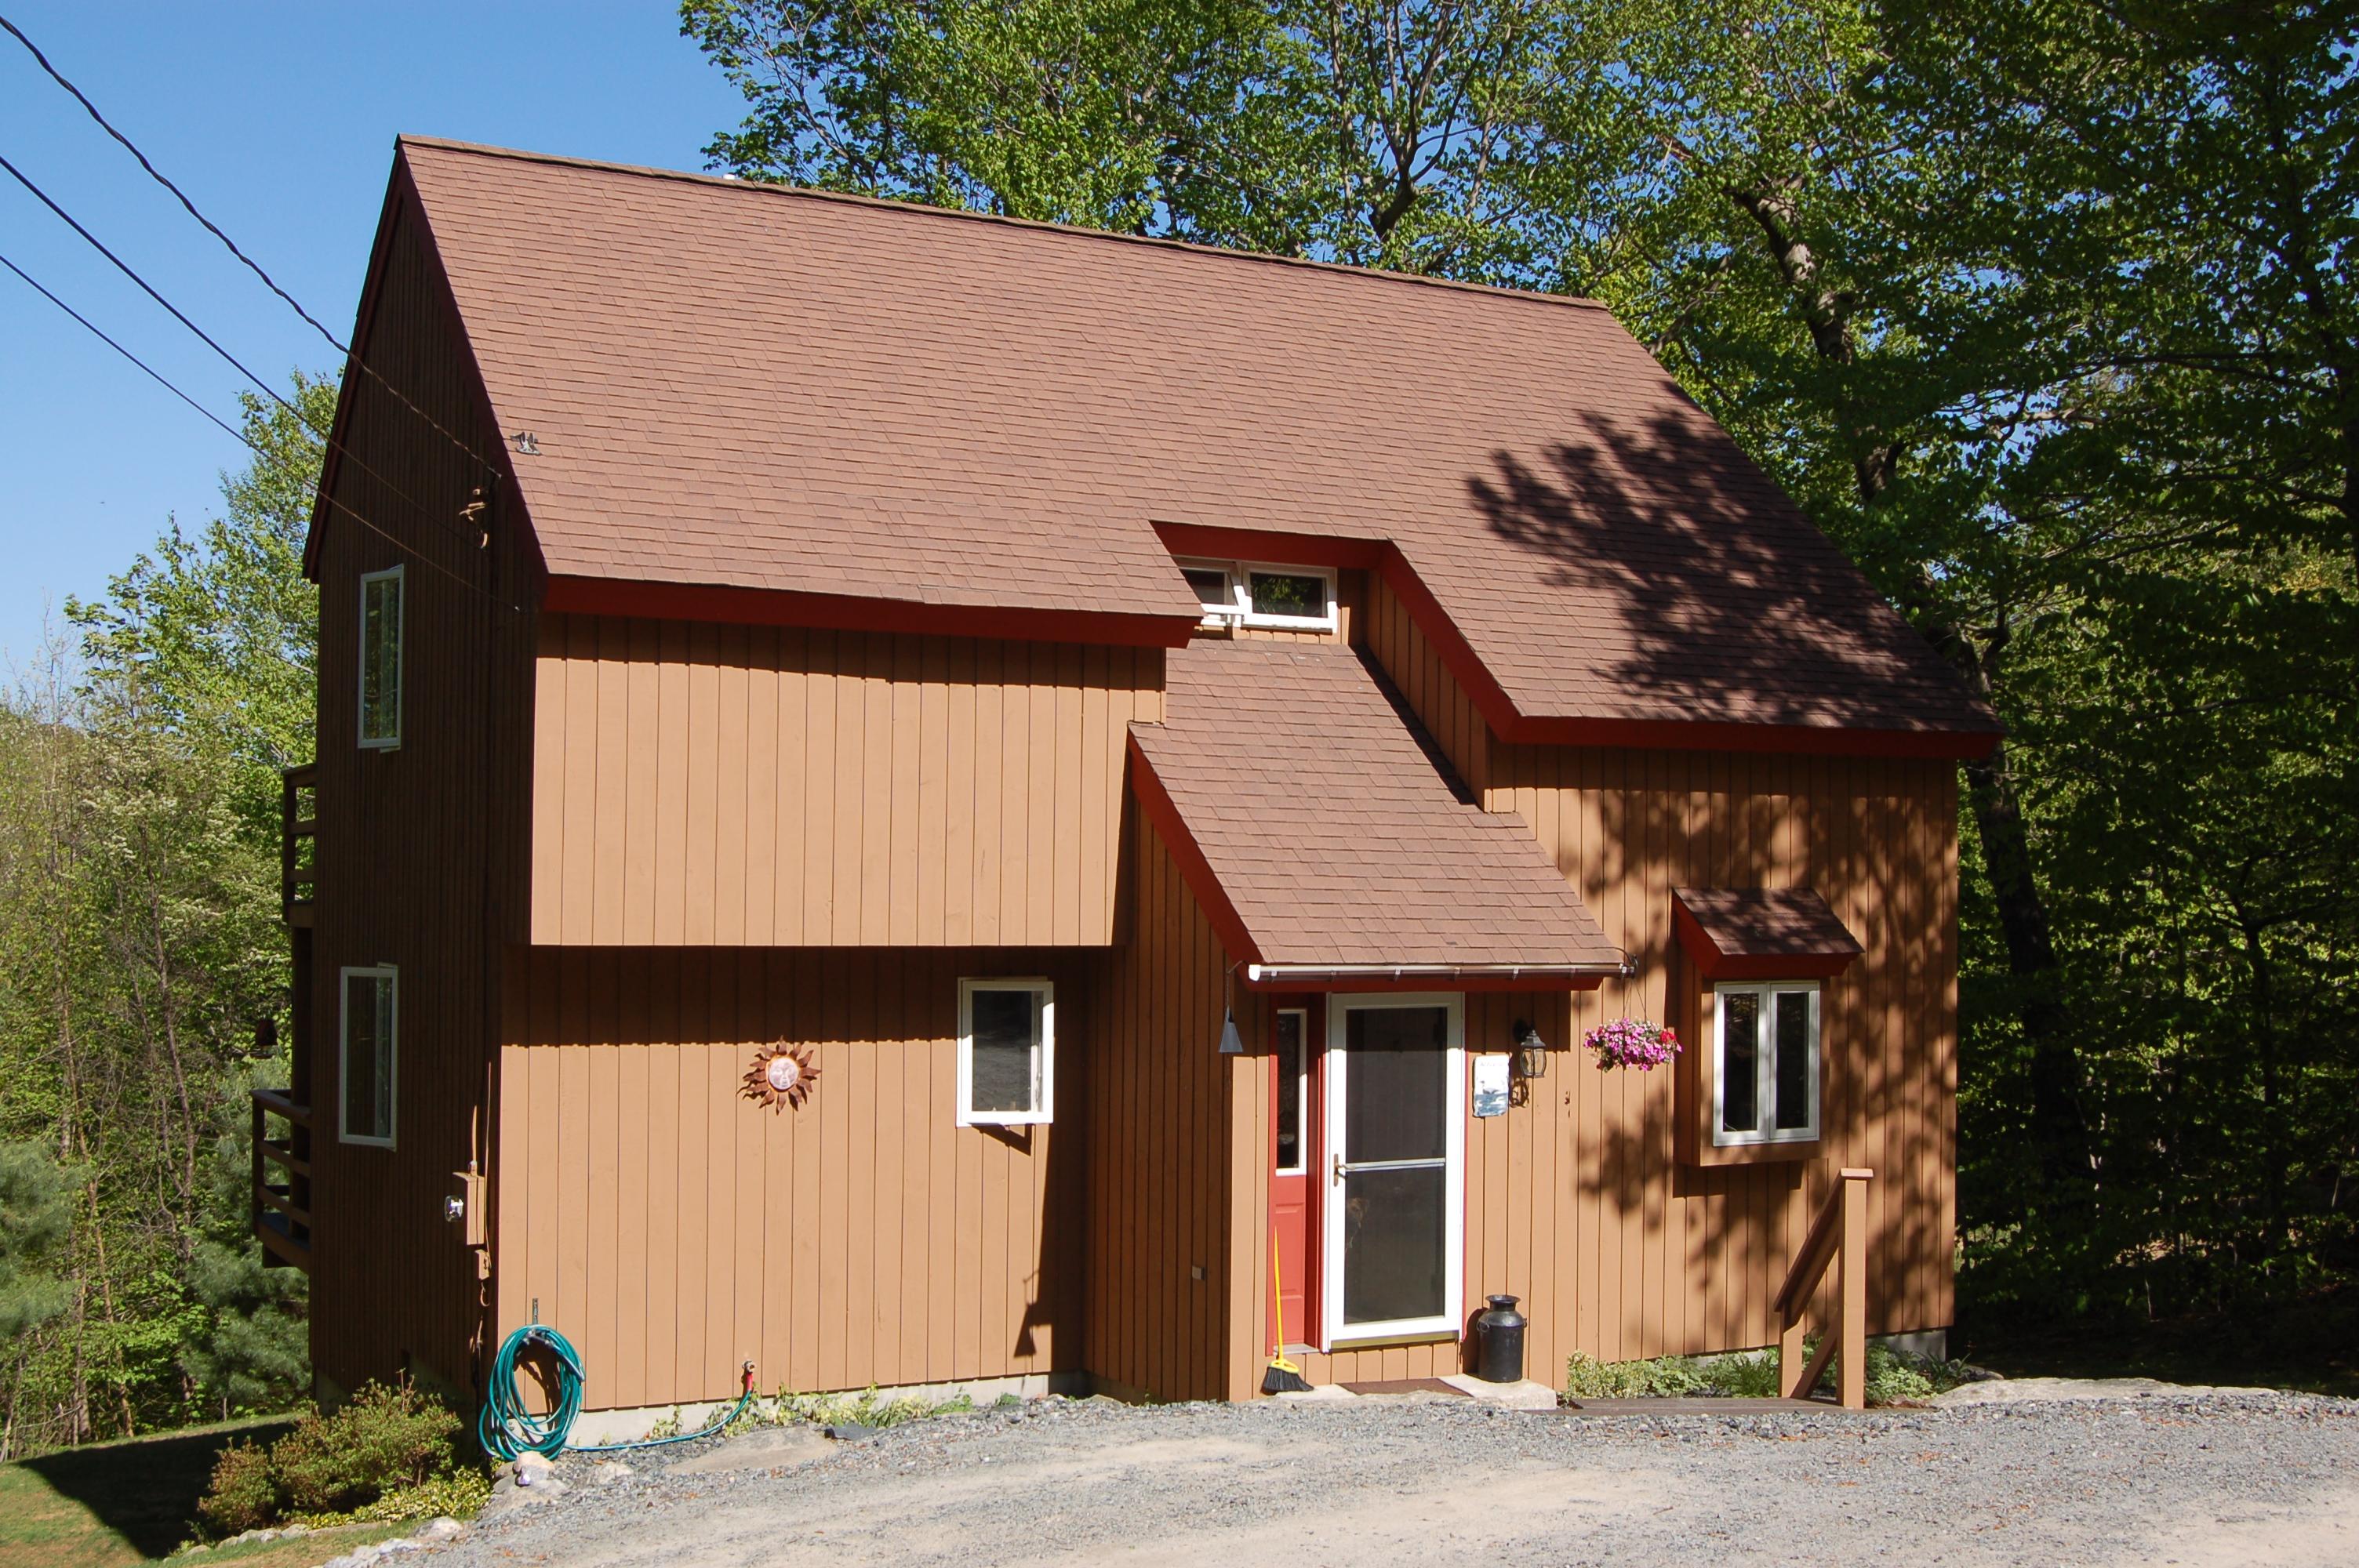 Moradia para Venda às 36 High Ridge Rd, Newbury Newbury, New Hampshire 03255 Estados Unidos